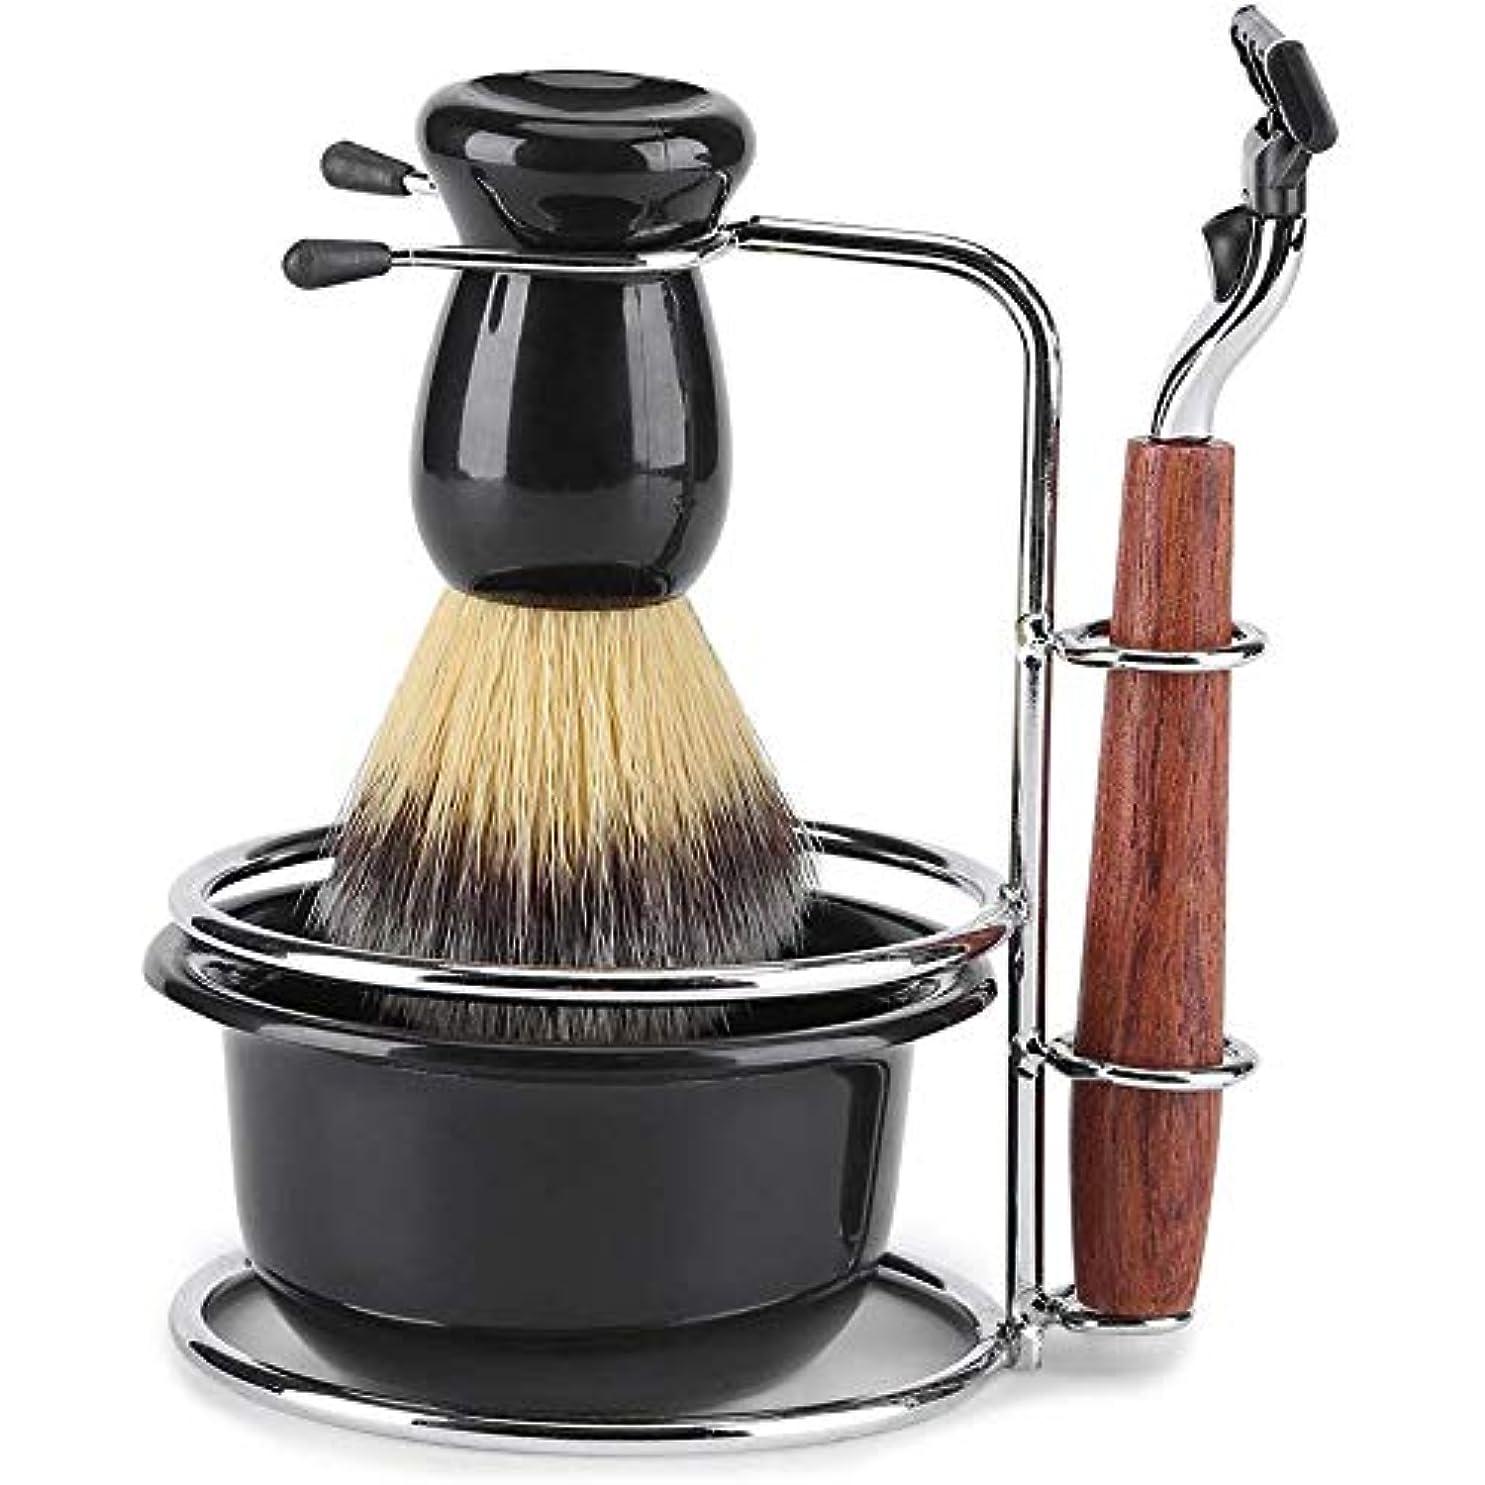 八分布数学者4セットシェービングブラシセットプラシスタンド 石鹸ボウル父の日プレゼント ひげブラシ シェービングブラシ 洗顔 髭剃り